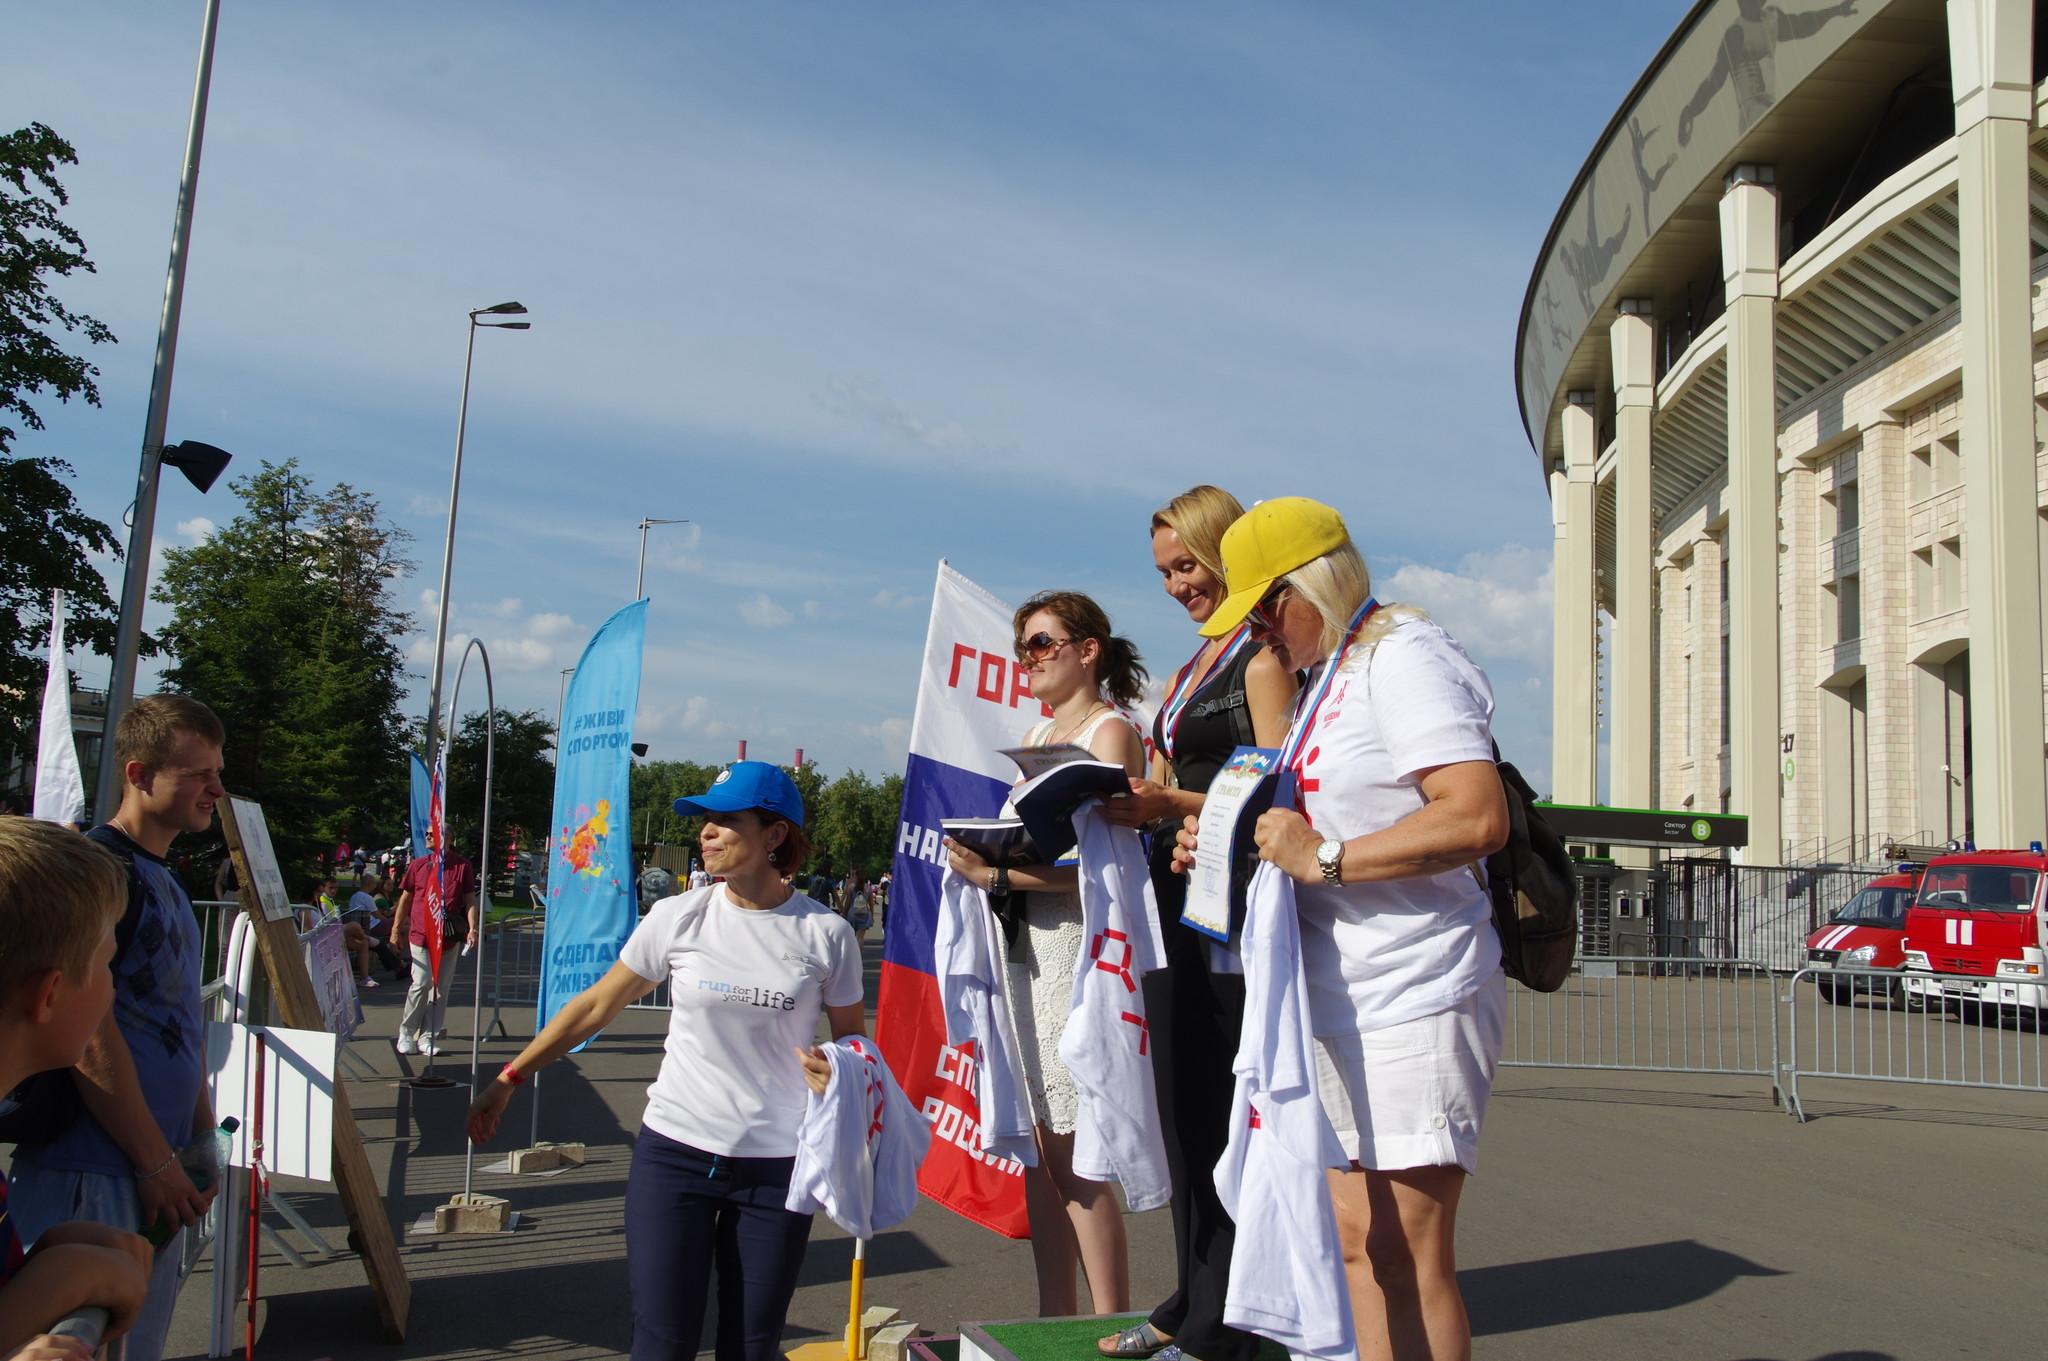 Фестиваль «Московский спорт» в «Лужниках». Награждение победителей игры в городки